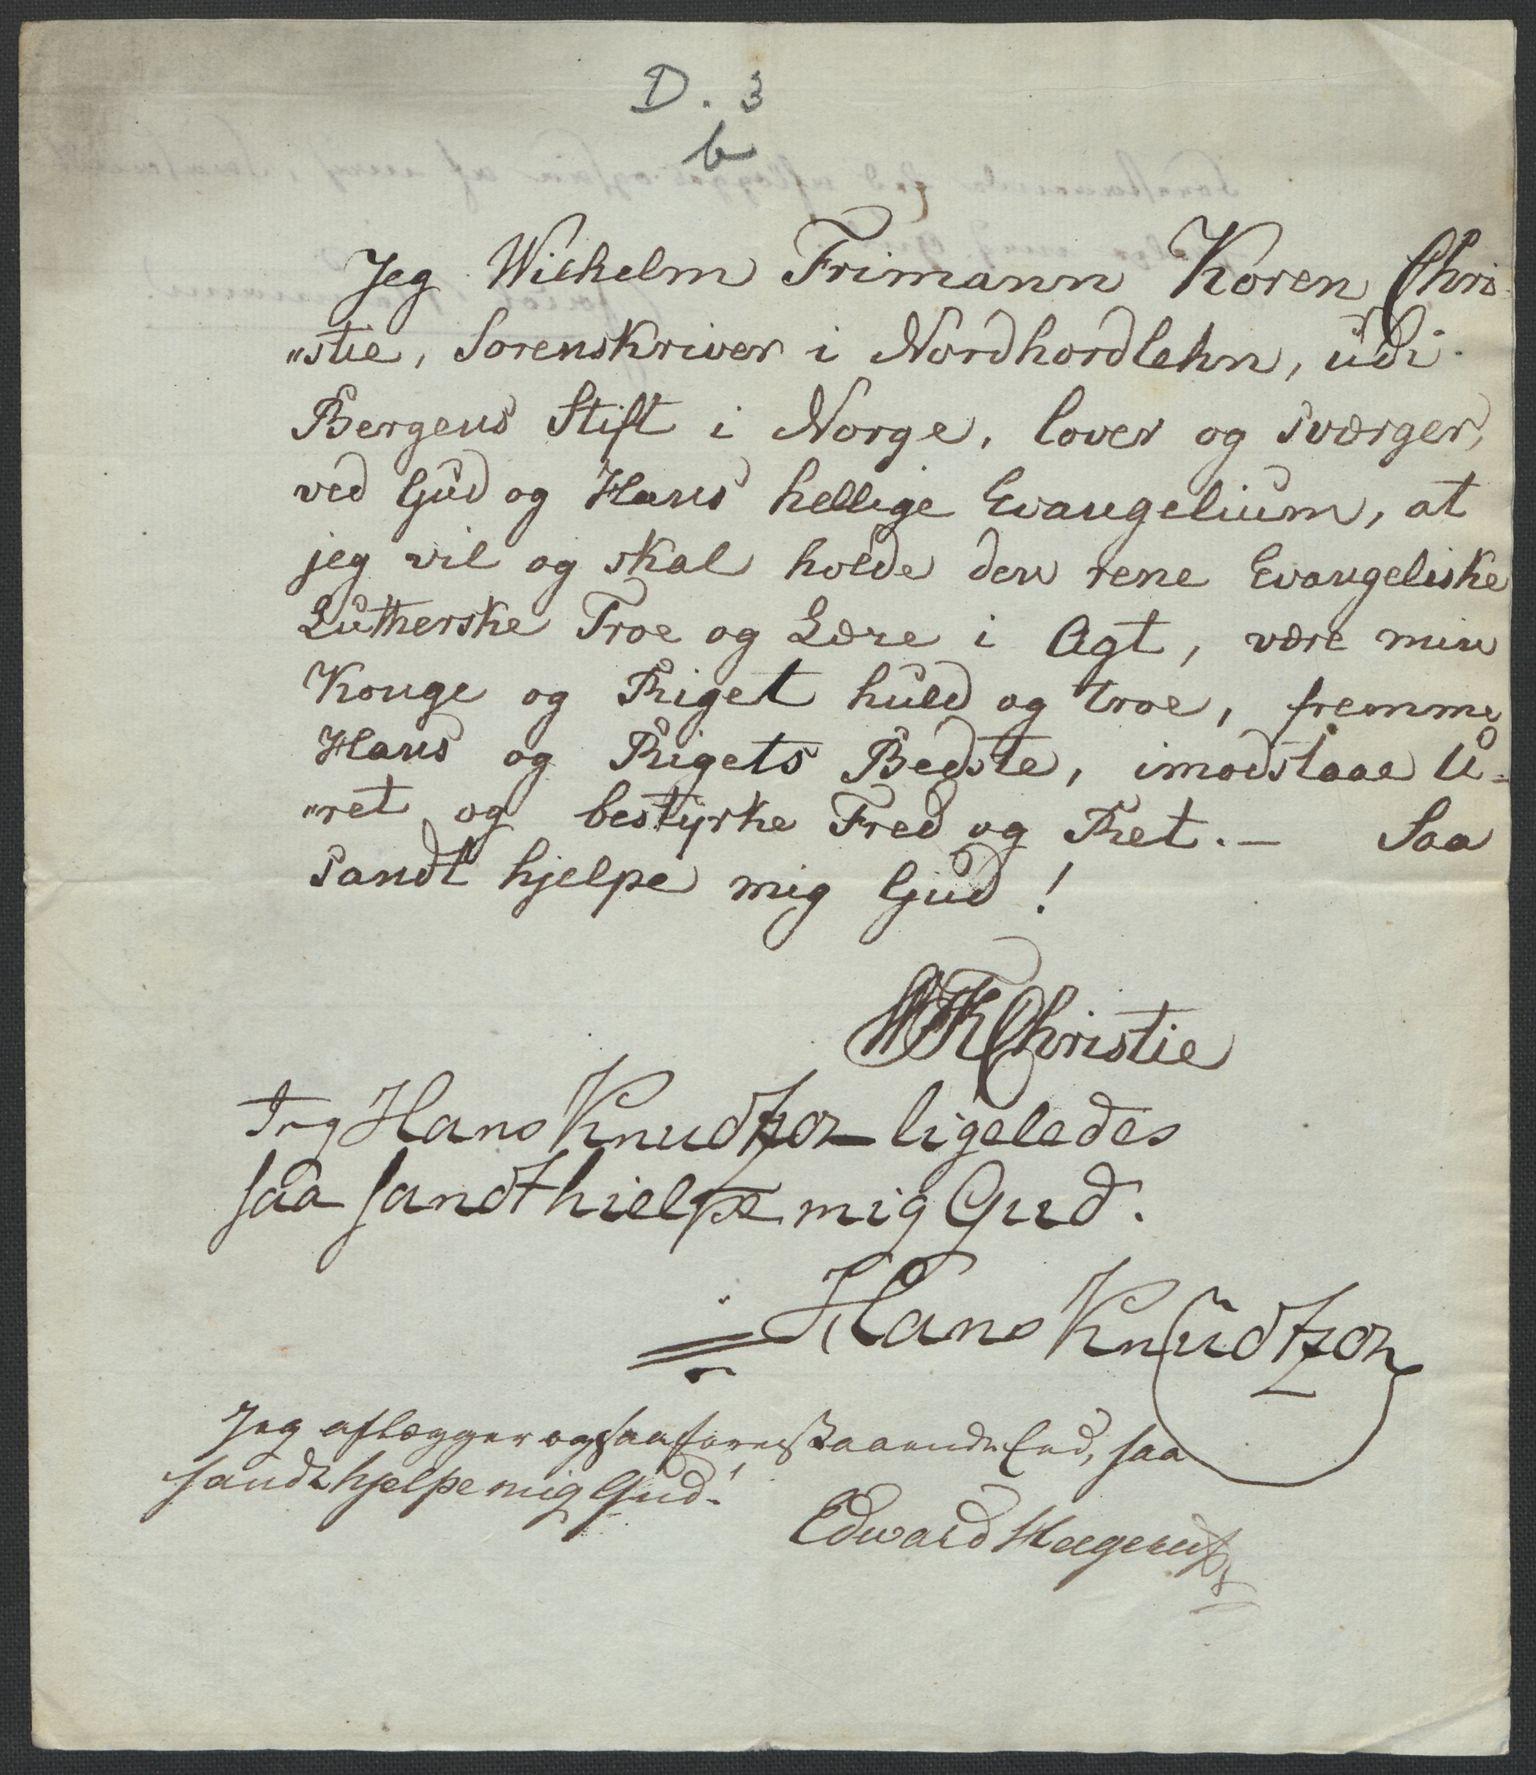 RA, Christie, Wilhelm Frimann Koren, F/L0004, 1814, s. 200